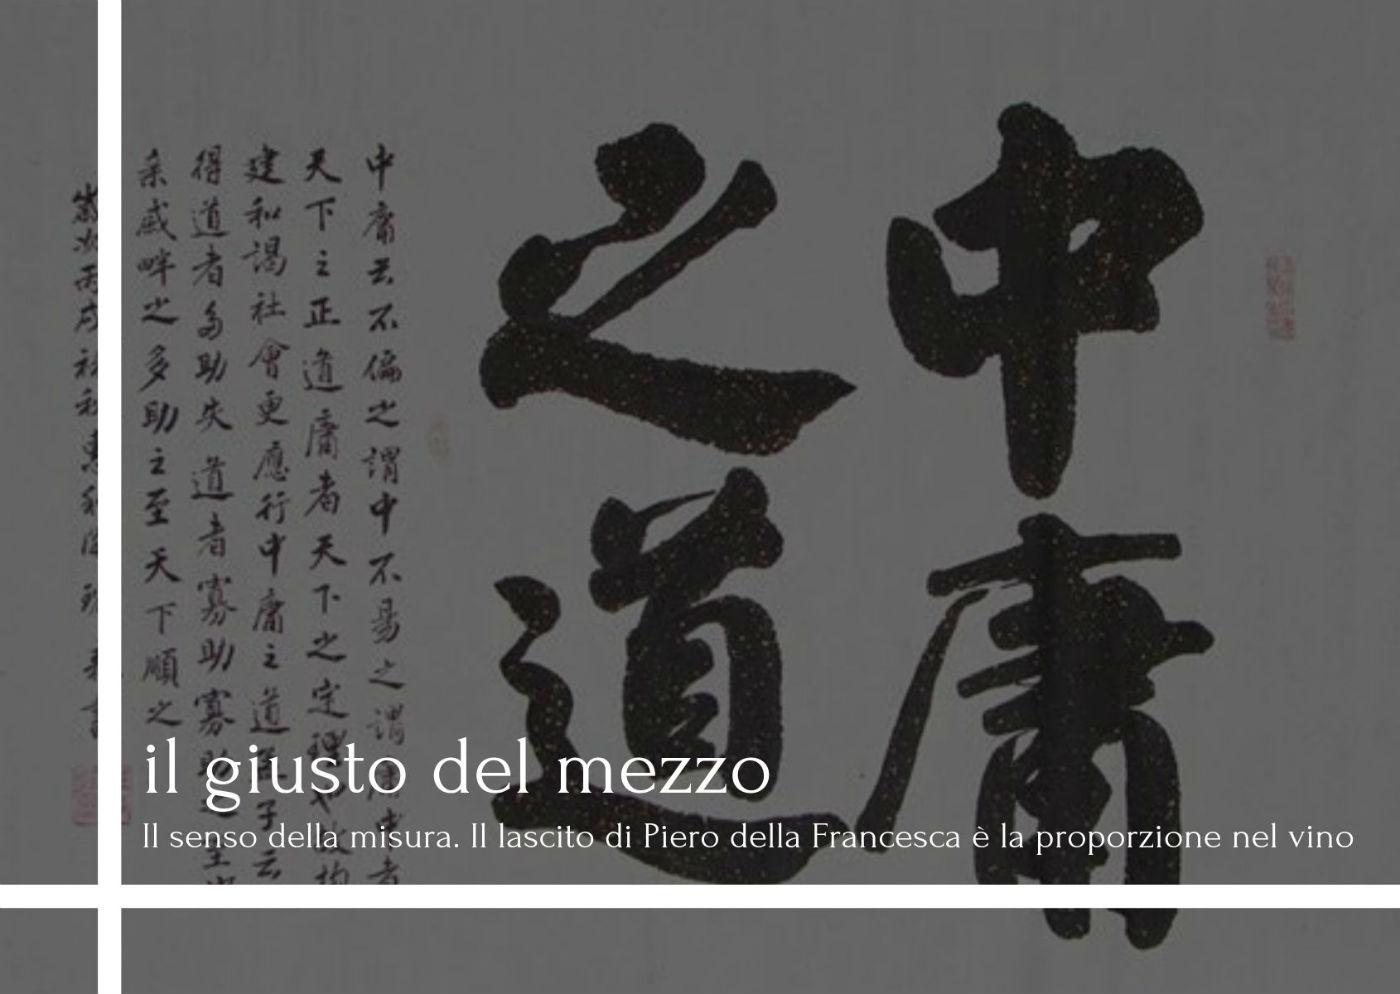 il giusto del mezzo      Il senso della misura. Il lascito di Piero della Francesca è la proporzione nel vino bianchello del Metauro DOC la staffetta del bianchello